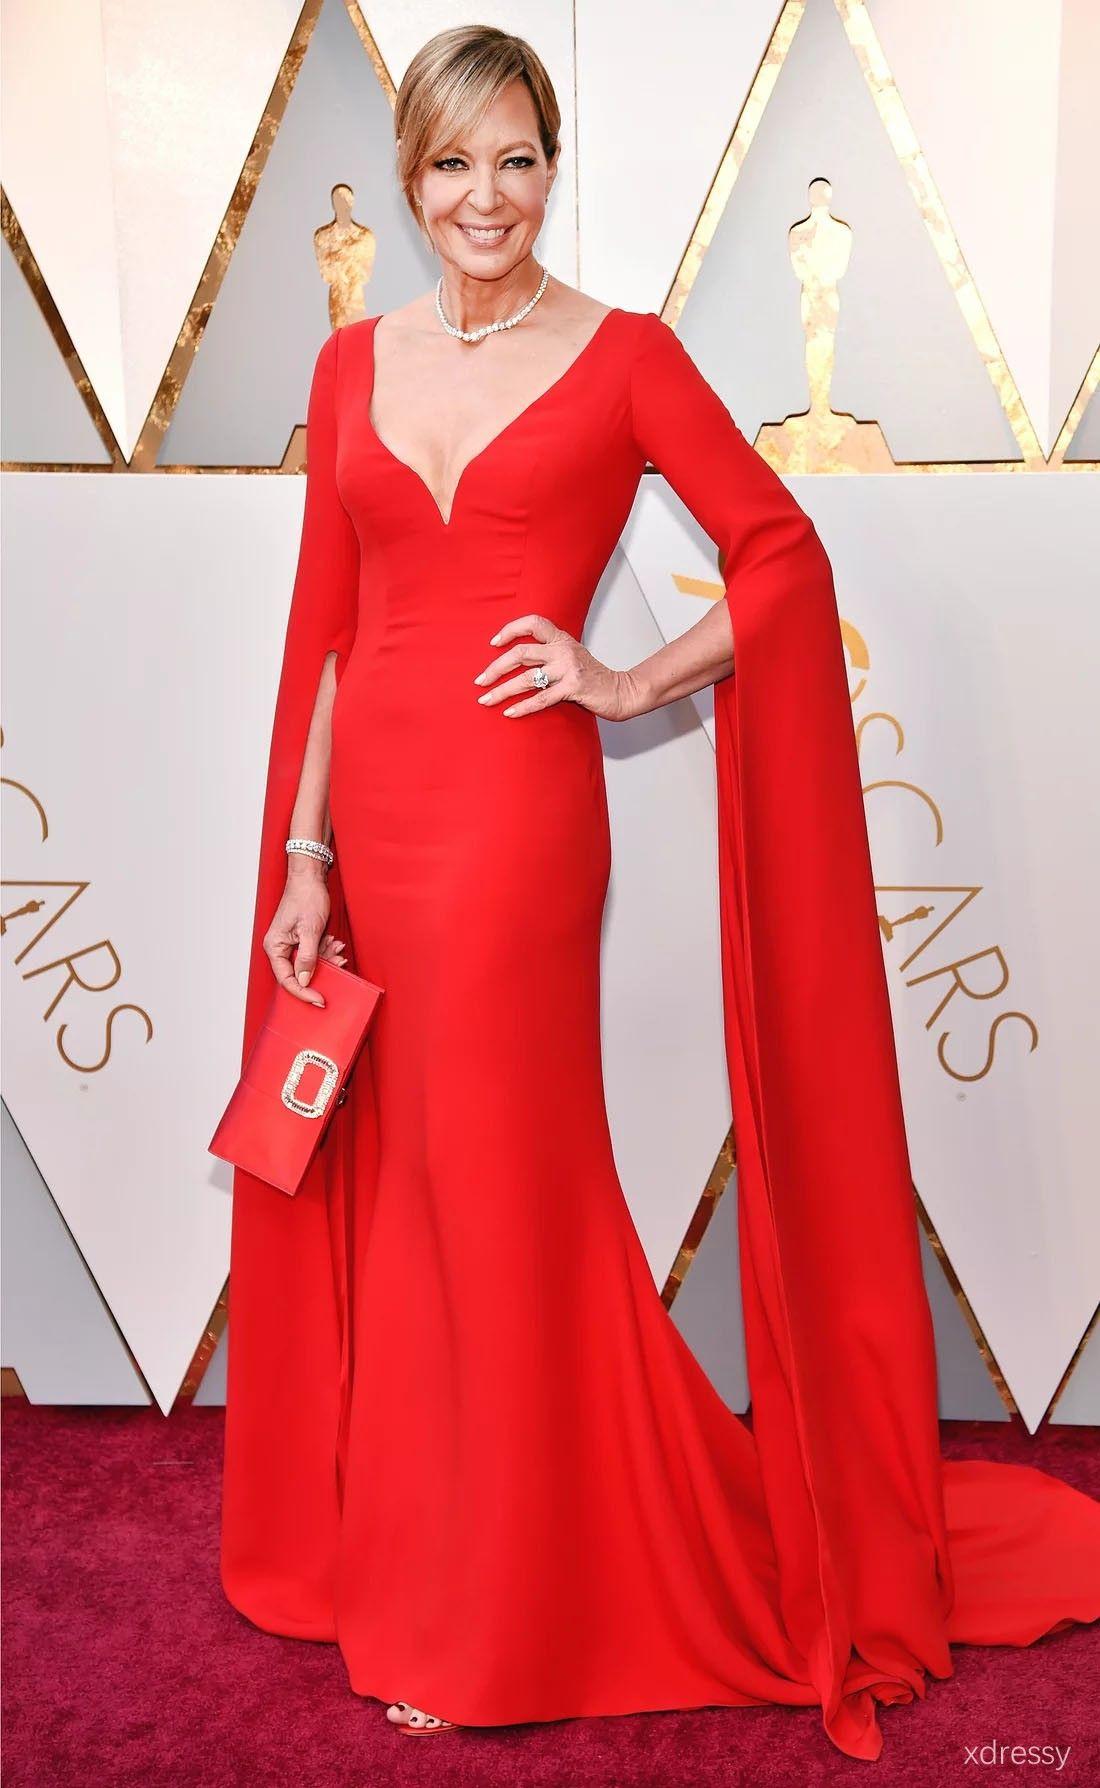 Allison janney custom scarlet curved v neck long sleeves red carpet